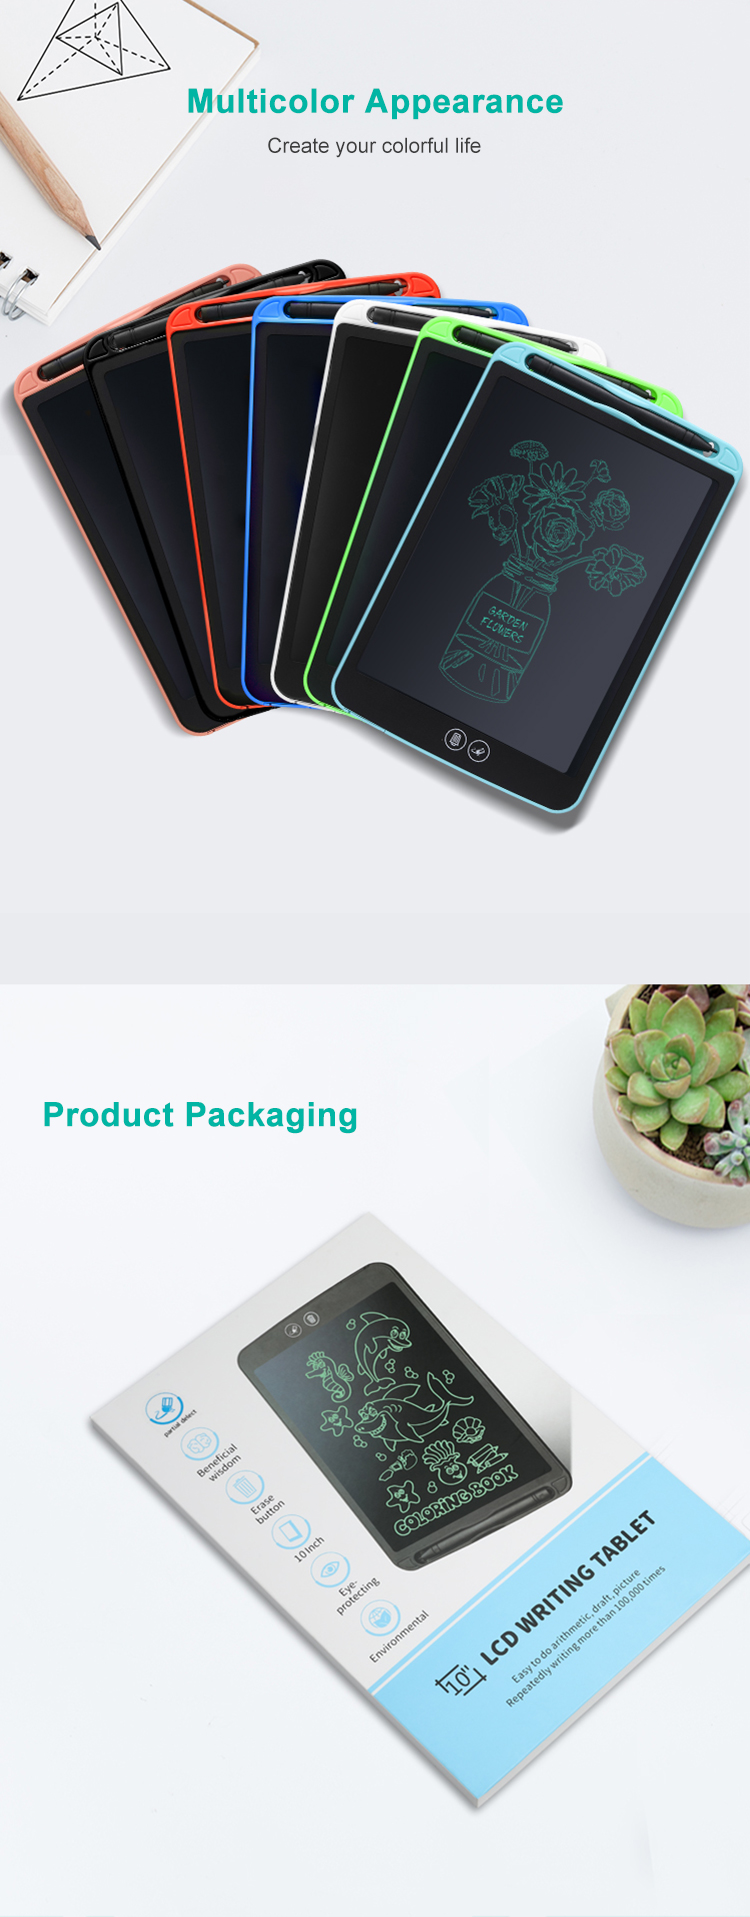 Newyes Üreticisi Tableta Grafica Not Defteri Kısmi Silme Lcd yazı tahtası çizim tableti